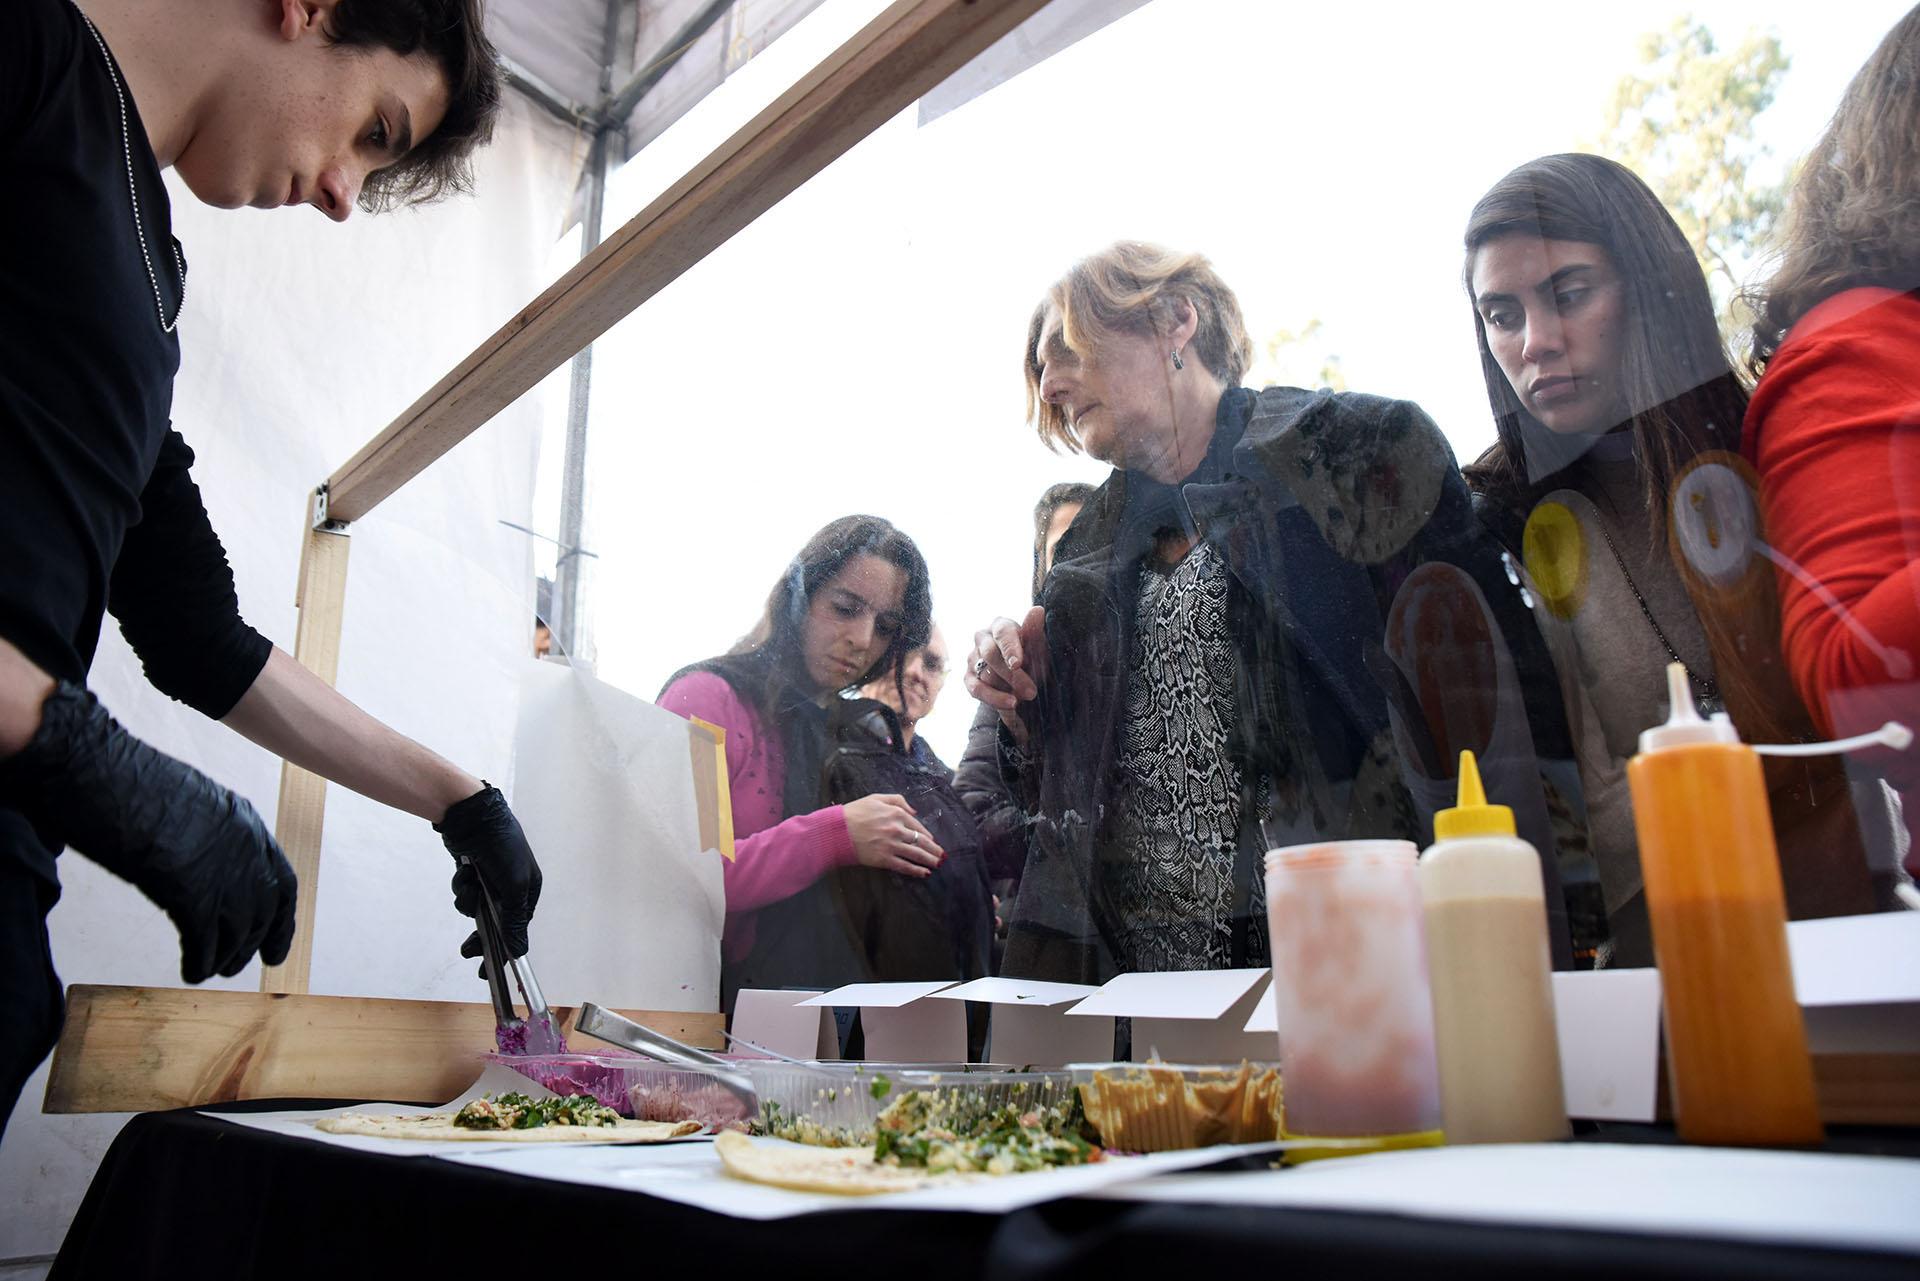 El público también disfrutó de una amplia oferta gastronómica, típica de Israel y del Medio Oriente: falafel, shawarma y hummus, entre otras delicias. La gente se agolpó a los puestos de comida para probar las comidas clásicas de la comunidad